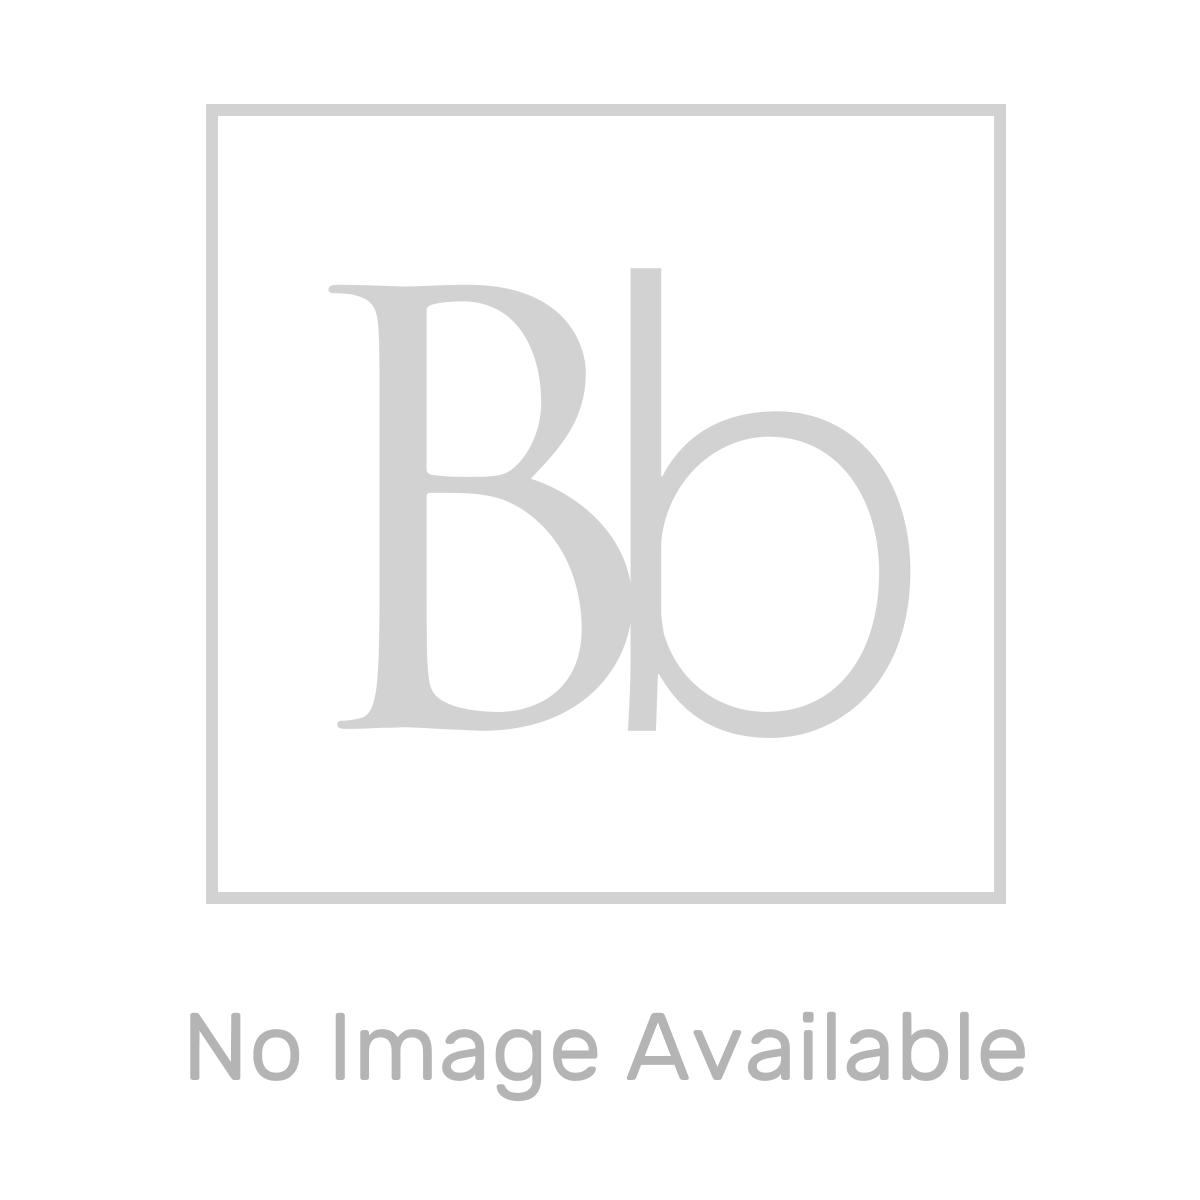 Zenith Stainless Steel Bathroom Sliding Door Cabinet